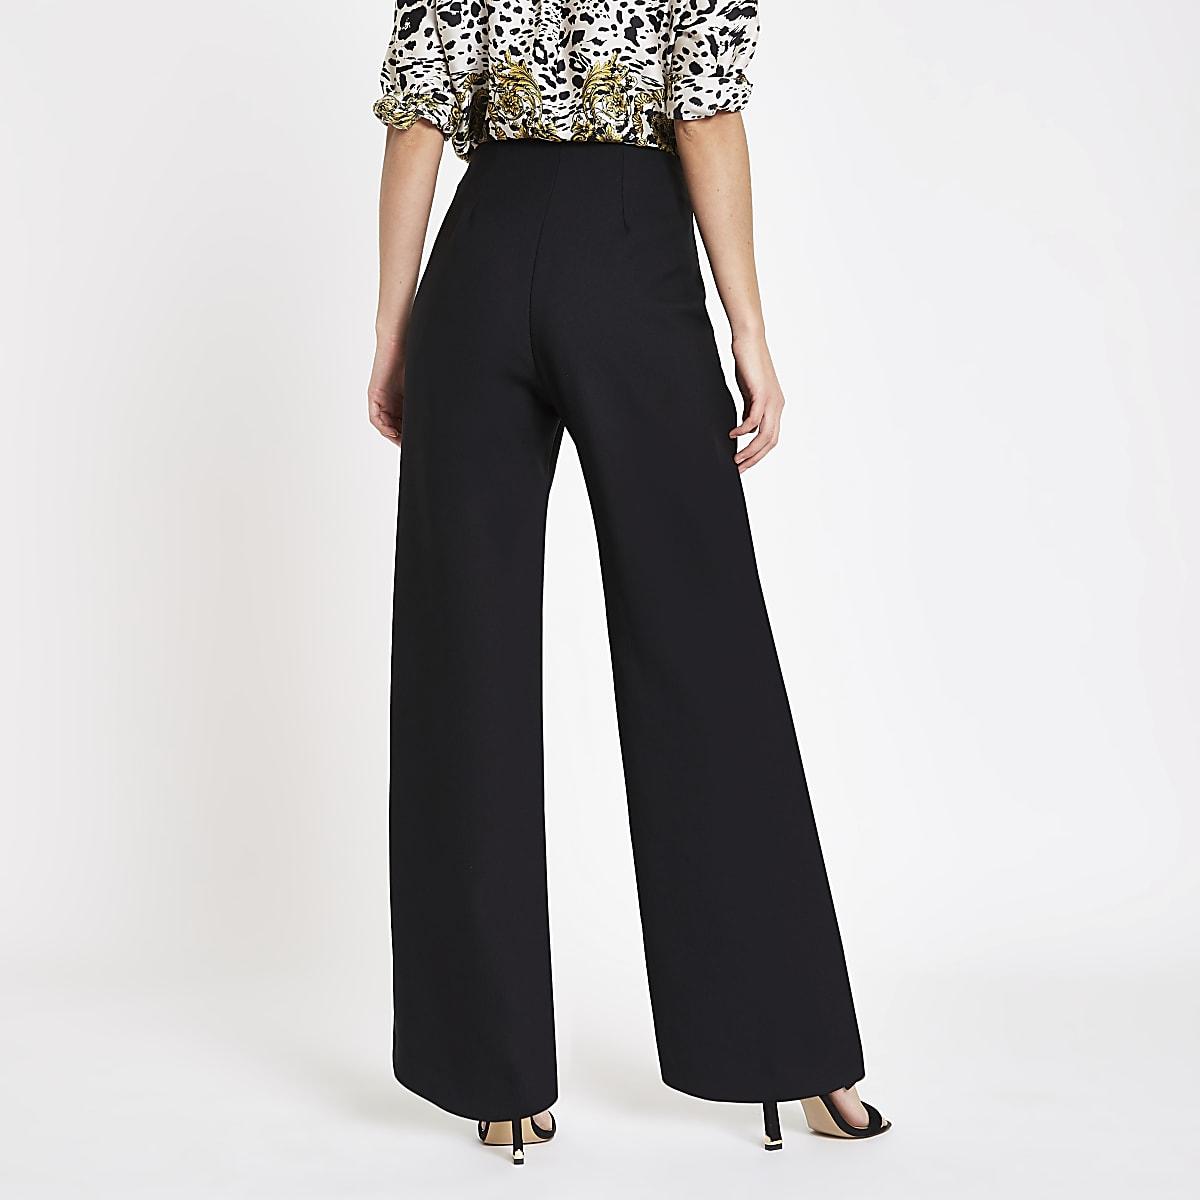 6c8829ab7de57 Black gold tone button wide leg trousers - Wide Leg Trousers ...